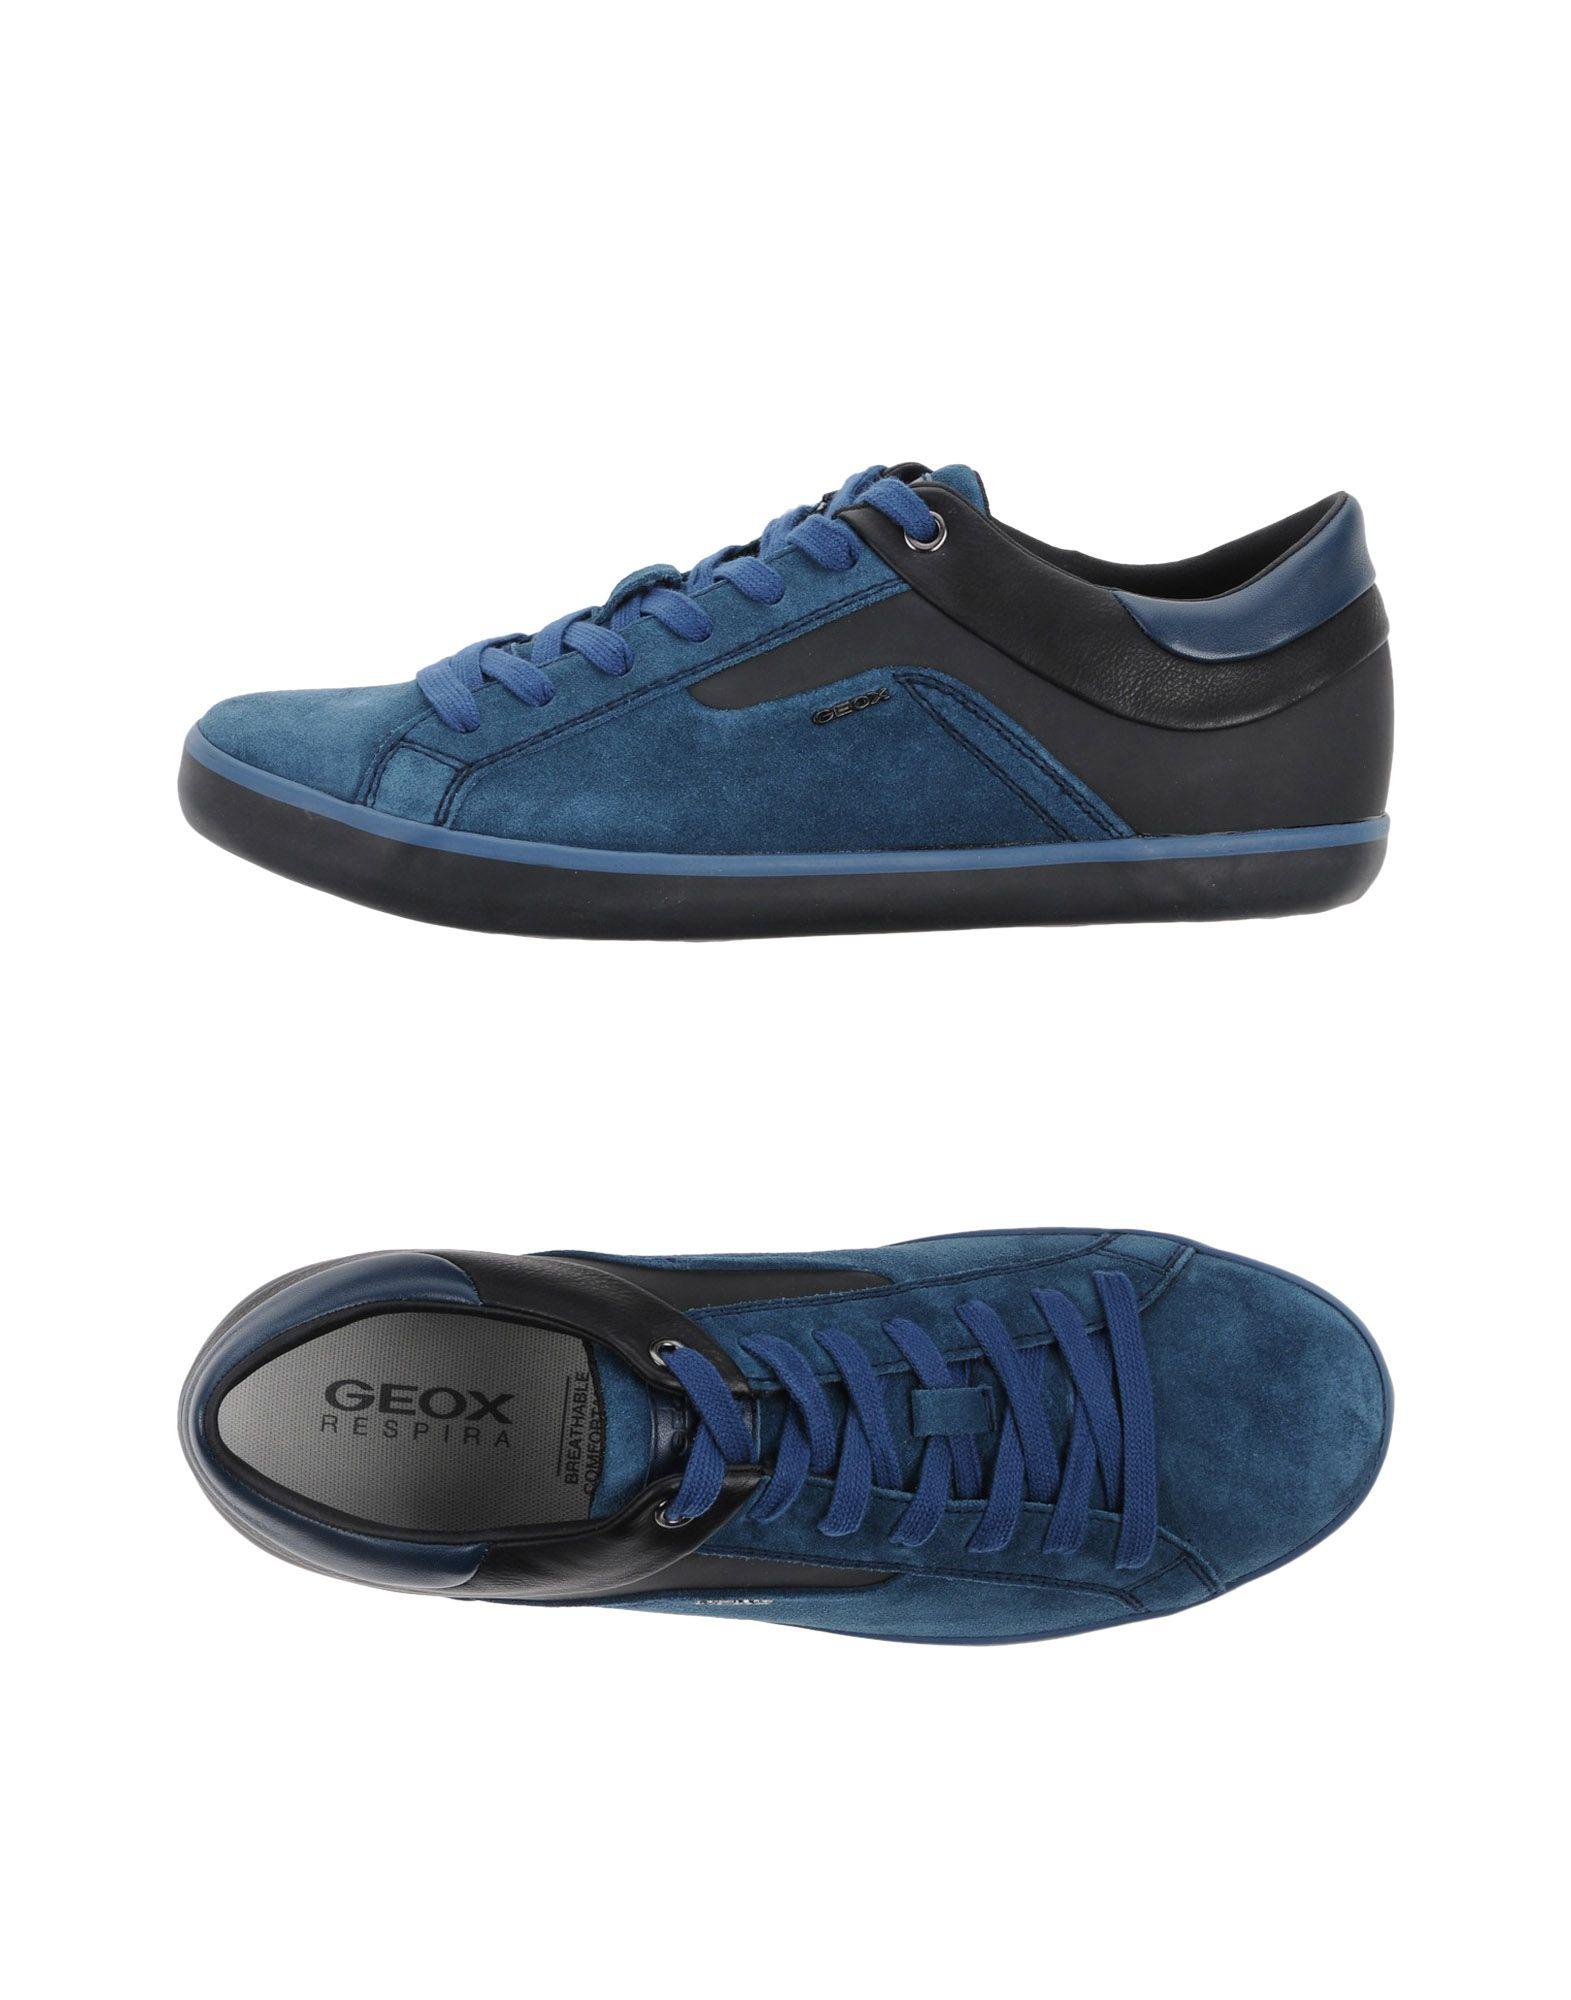 Rabatt echte Schuhe Geox Sneakers 11253496SM Herren  11253496SM Sneakers 6a57eb